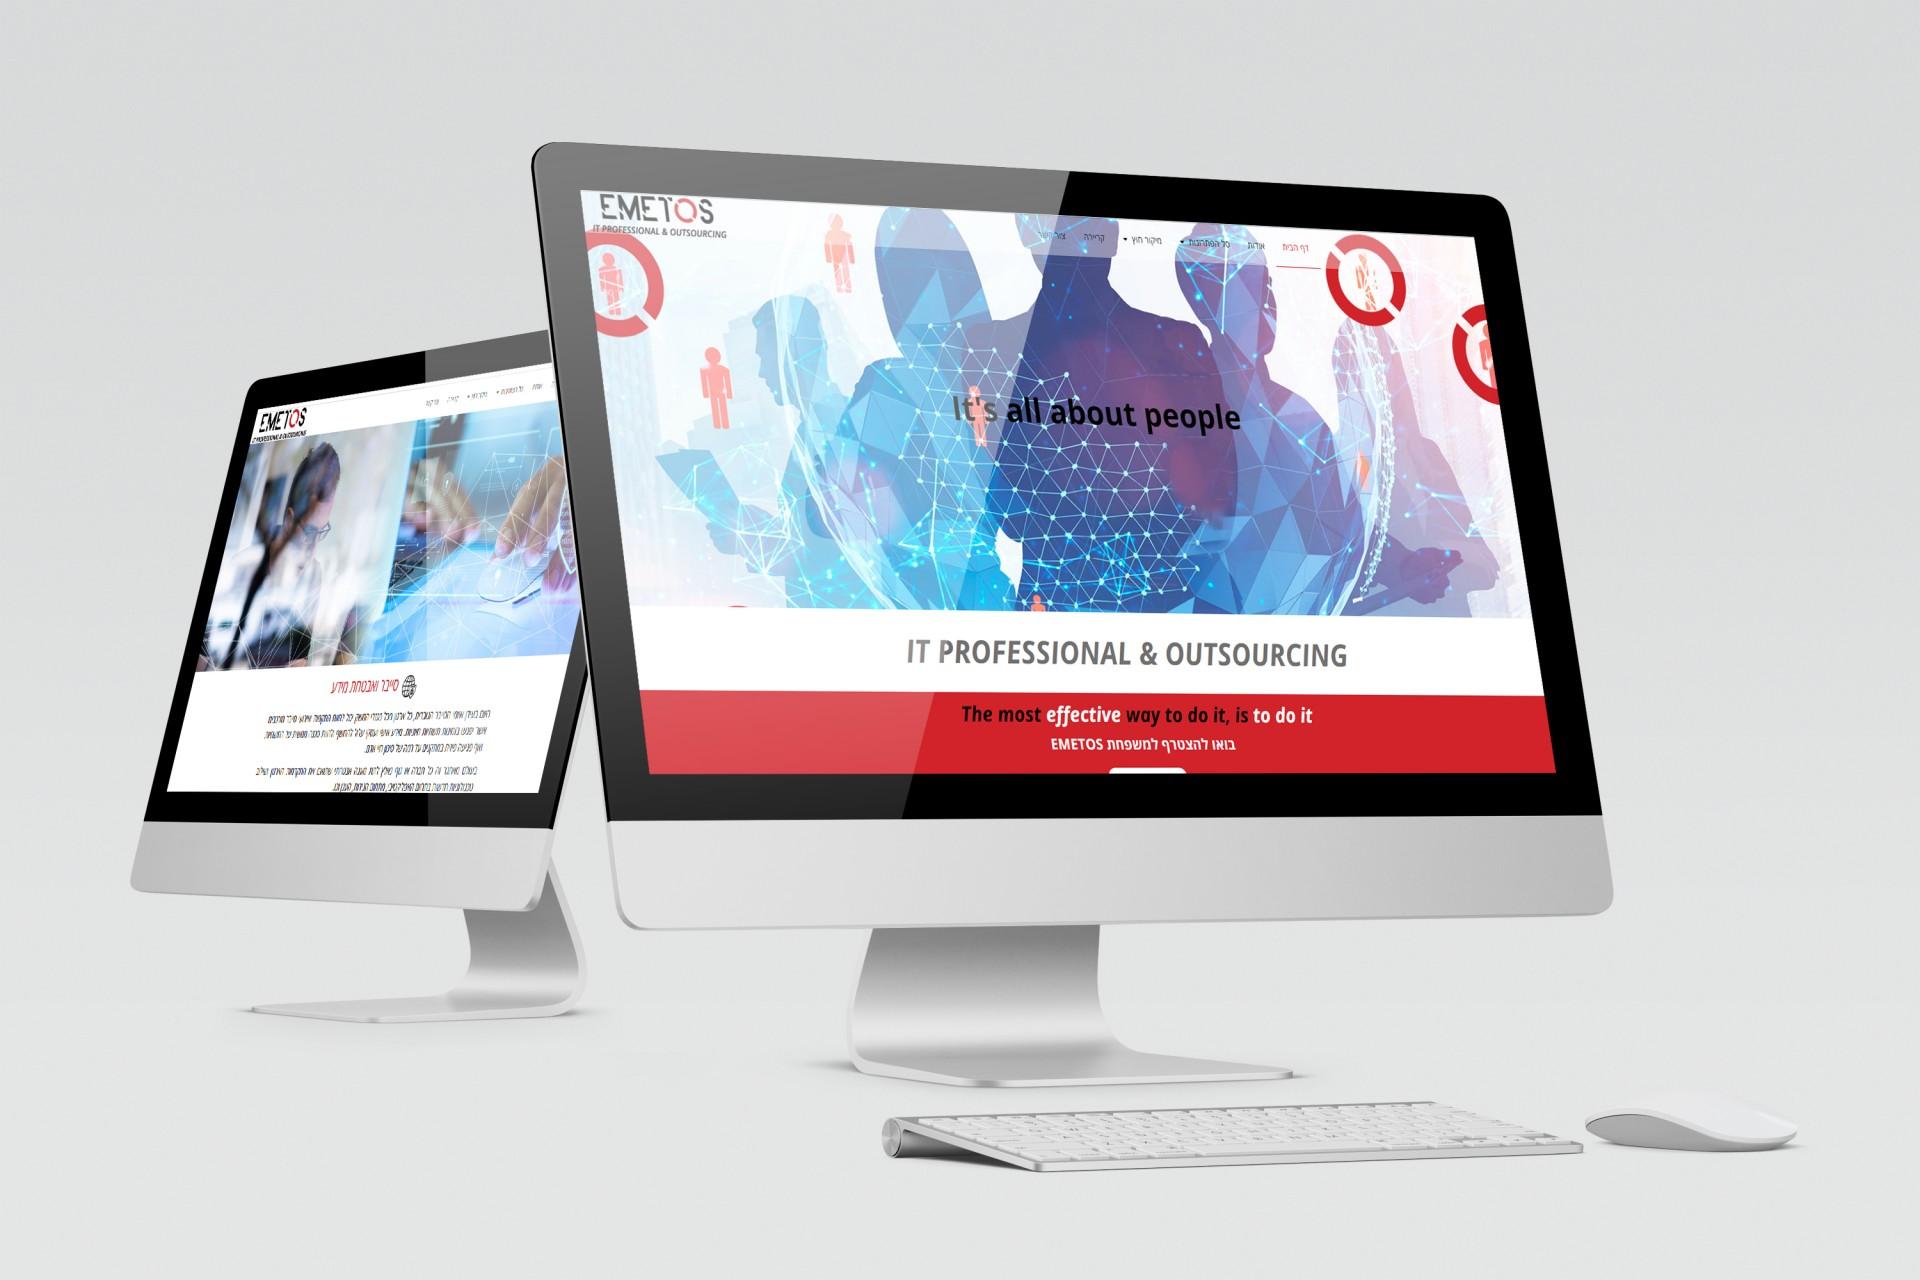 עיצוב והקמת אתר אינטרנט לאמתוס